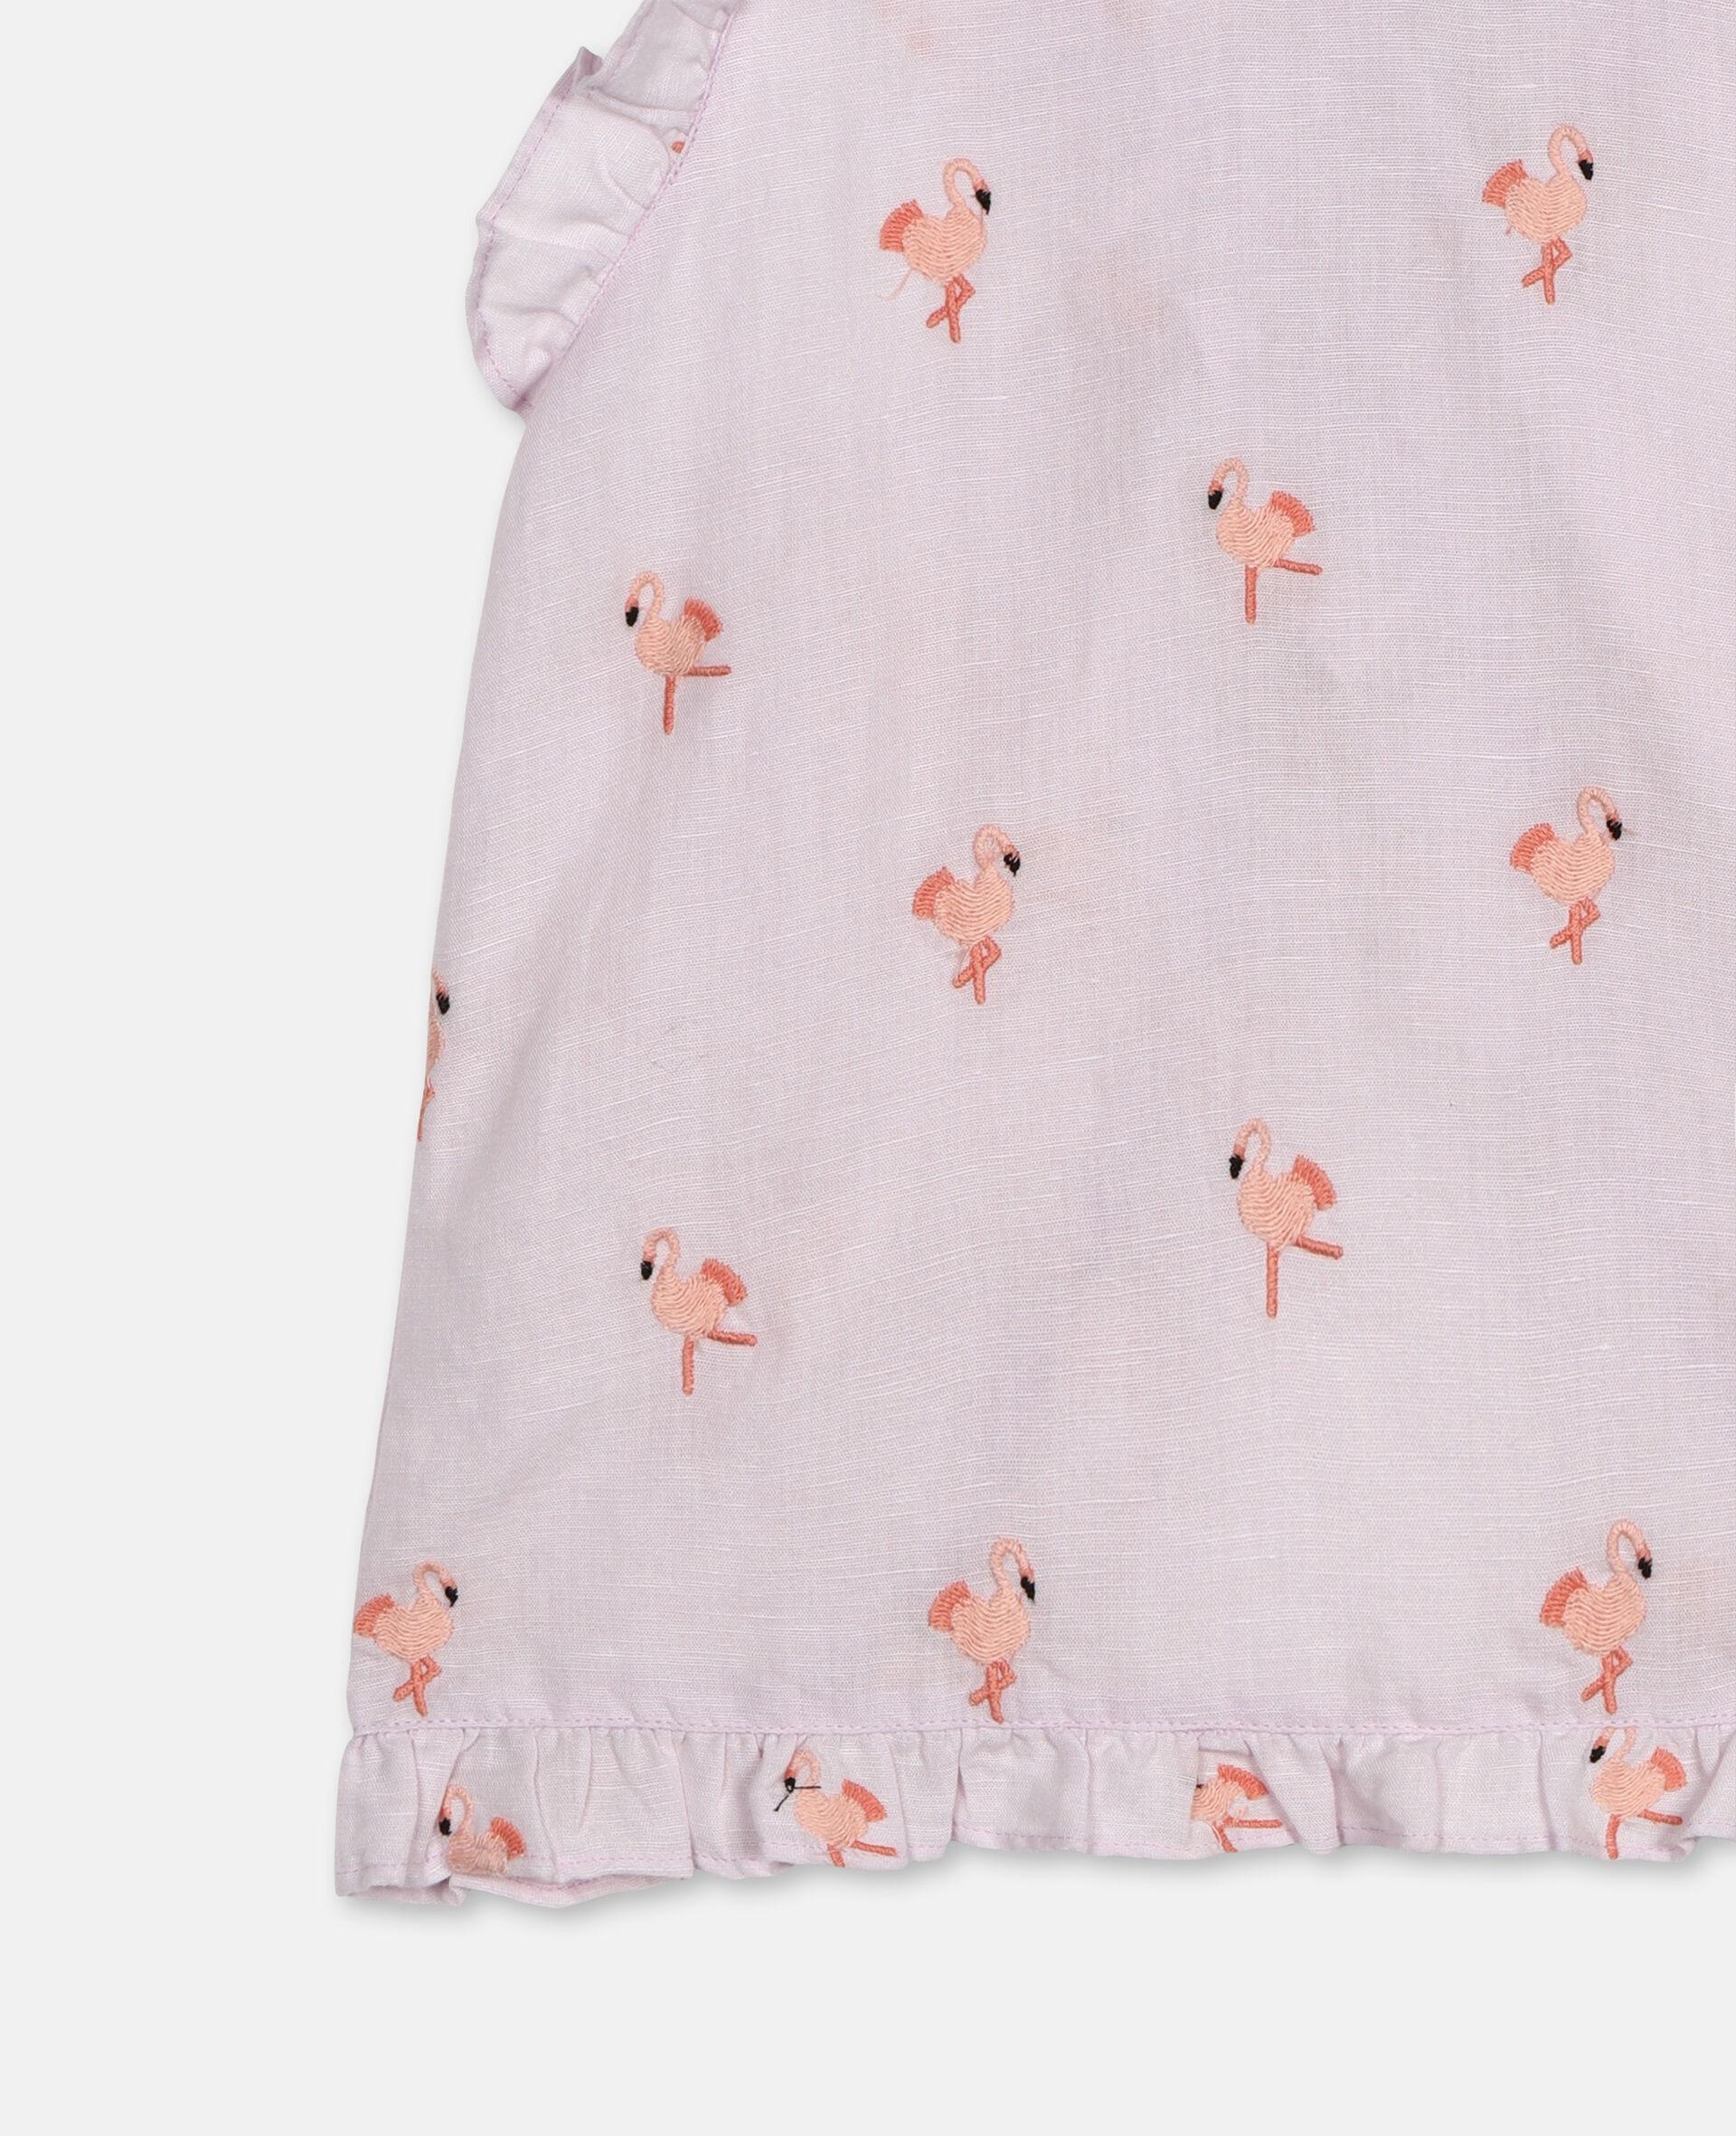 Flamingo刺绣上衣 -粉色-large image number 2